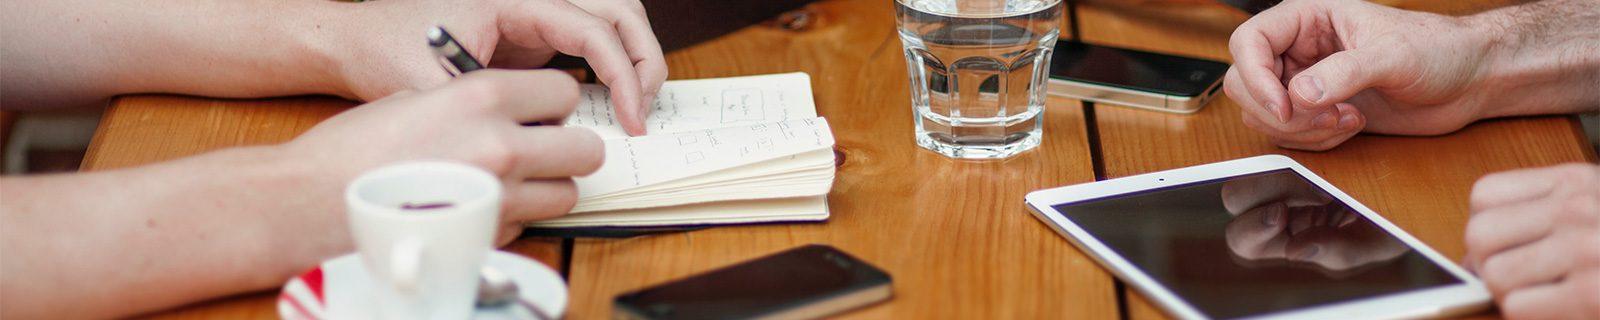 Ghostwriter agentur hausarbeit formatieren open office